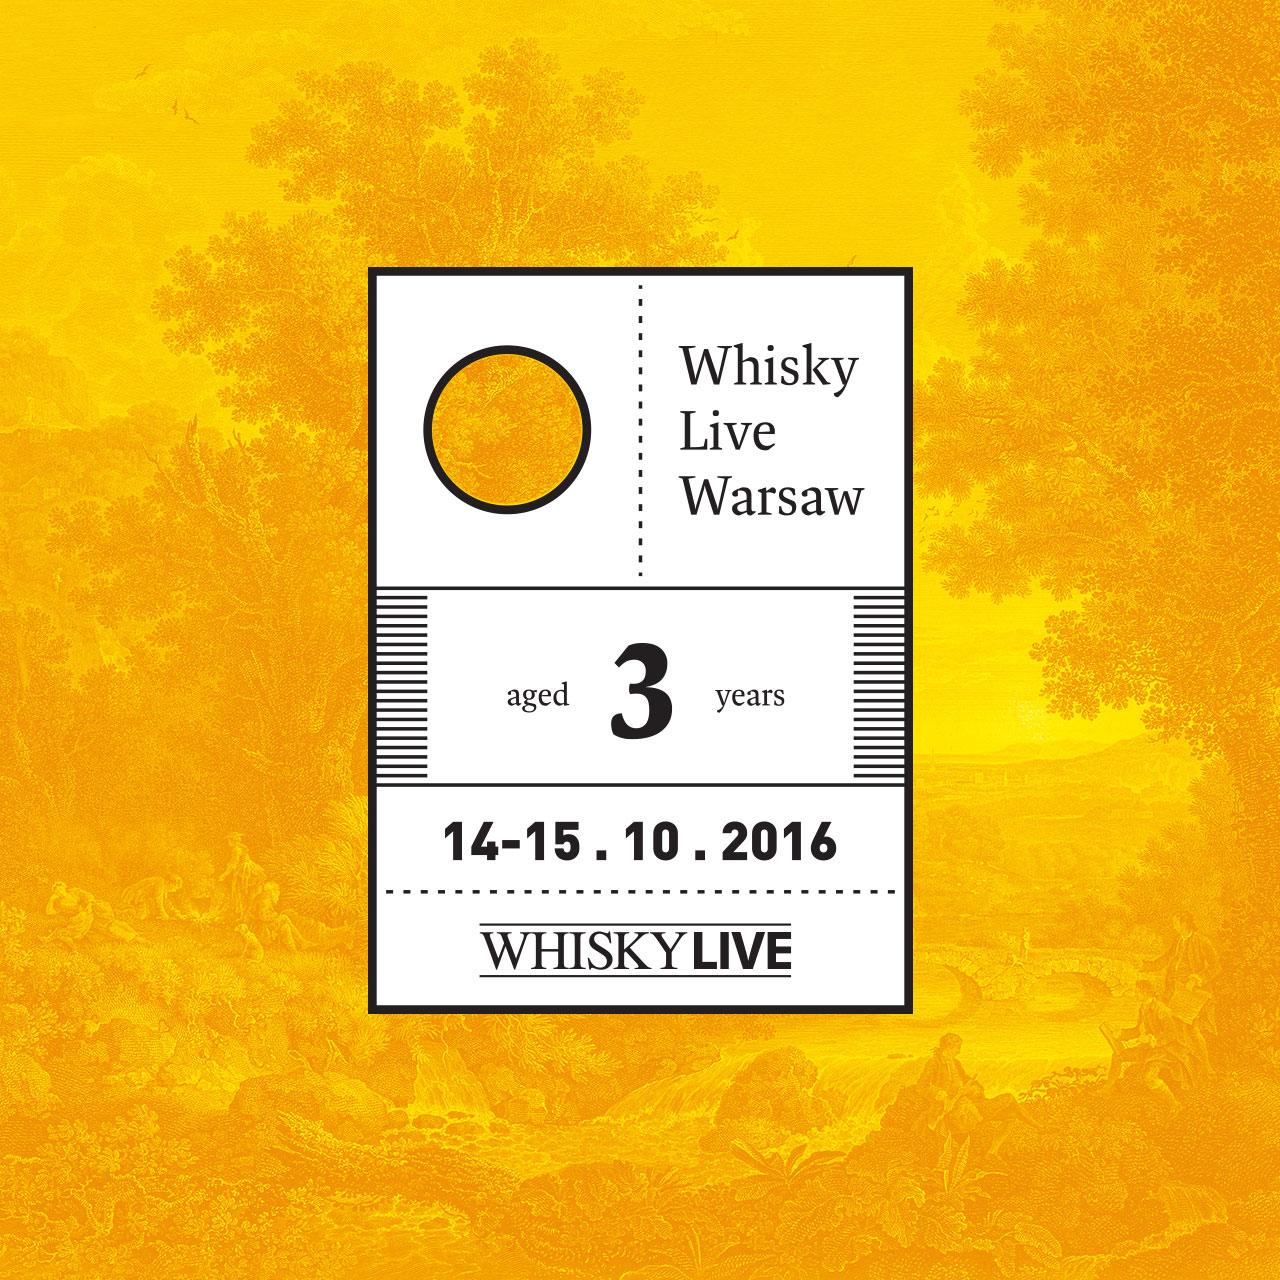 3. edycja Whisky Live Warsaw pod znakiem różnorodności